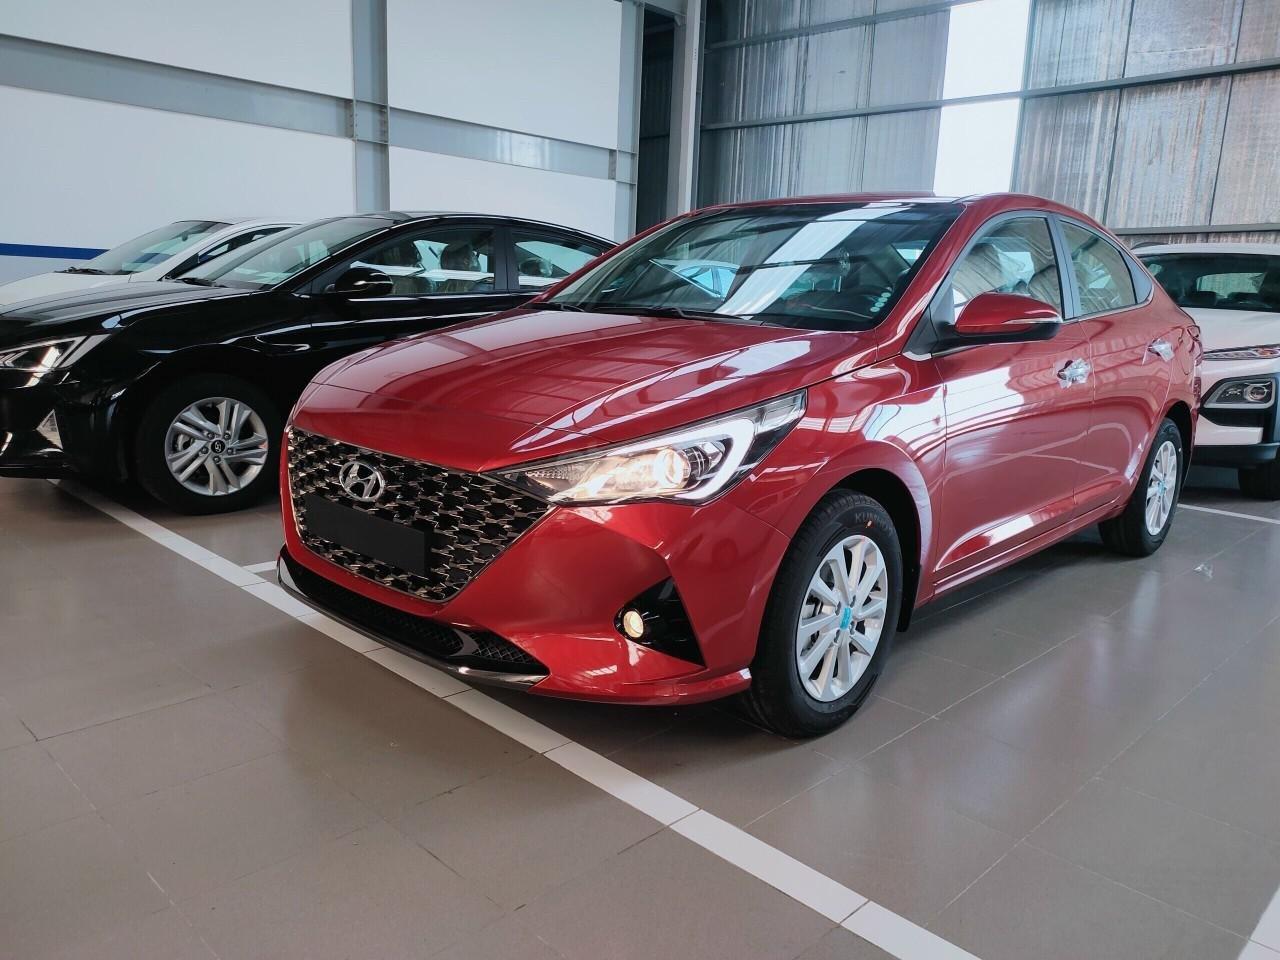 Hyundai Miền Nam: Bán Hyundai Accent năm 2021, xe đủ màu, trả góp lên đến 85% giá trị xe, mua xe giá tốt nhất (1)